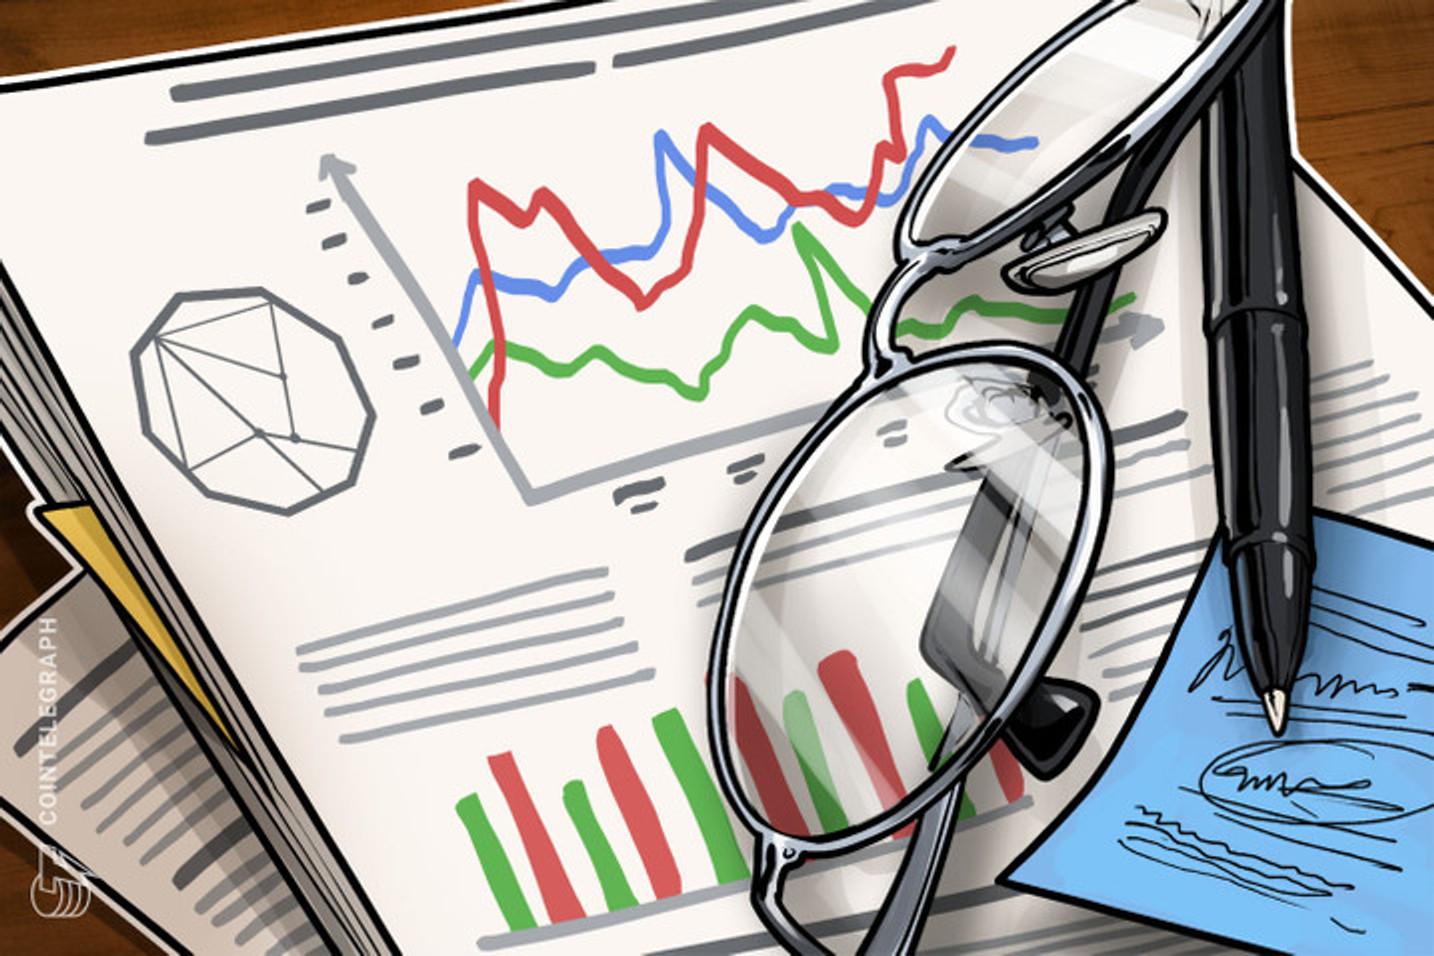 Análisis de Criptomonedas: El precio de Ethereum está listo para un quiebre de la zona de consolidación a largo plazo